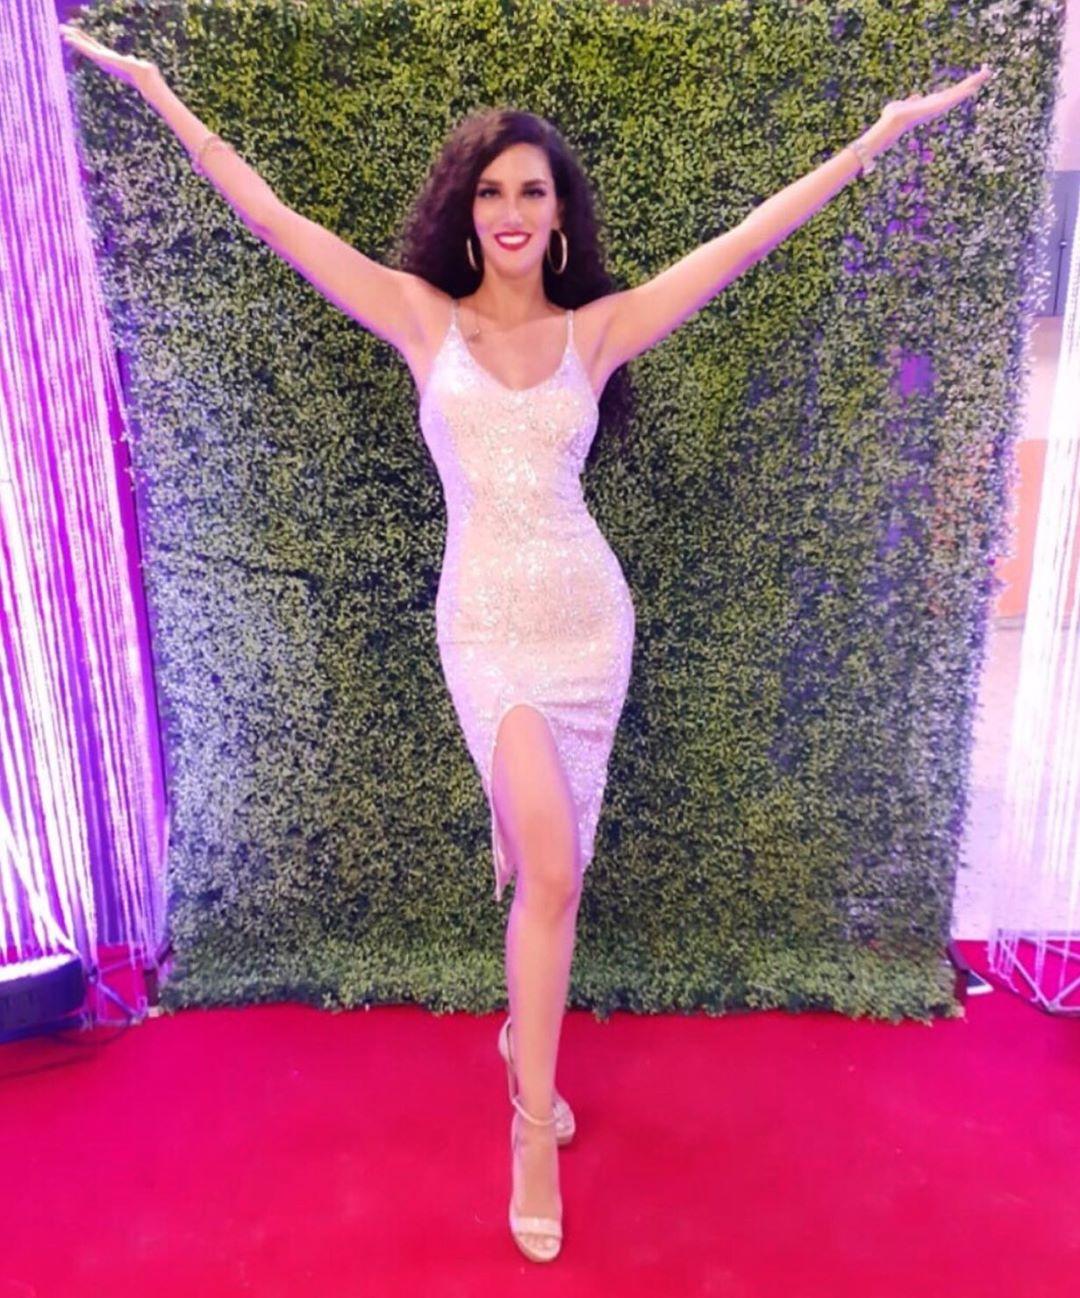 georgina vargas, candidata a miss mexico 2020, representando coahuila. - Página 2 72705110